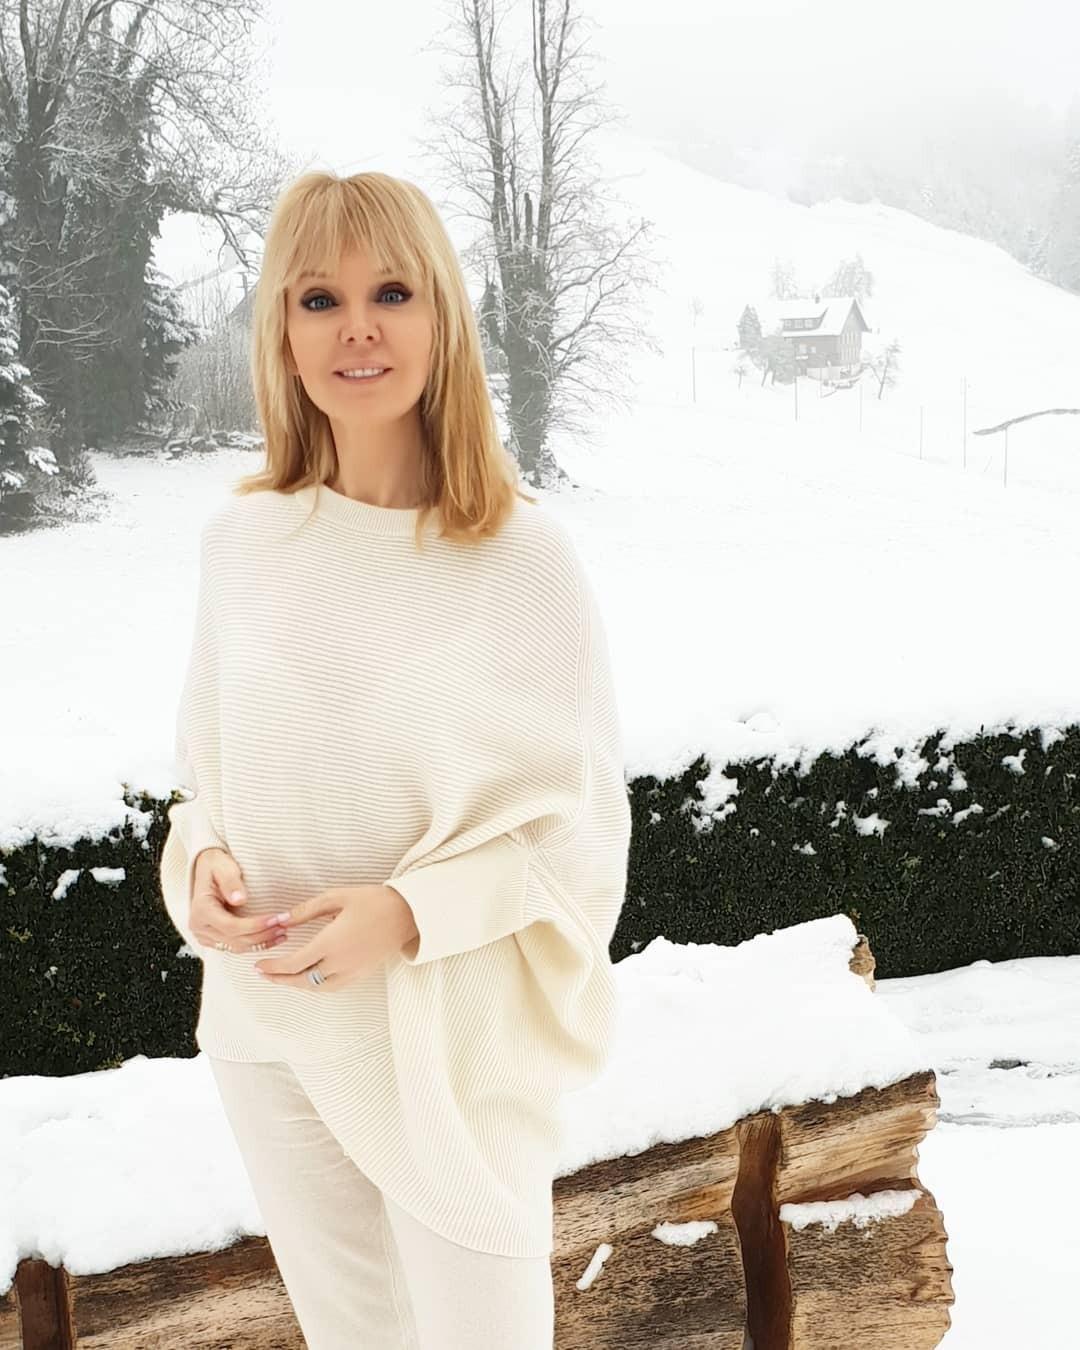 Валерия - одна изнемногих звезд, кто иззимы уехал взиму, но зато вкакую! Валерия сИосифом Пригожиным отправились внастоящую альпийскую сказку. Сейчас супруги находятся вШвейцарии,...